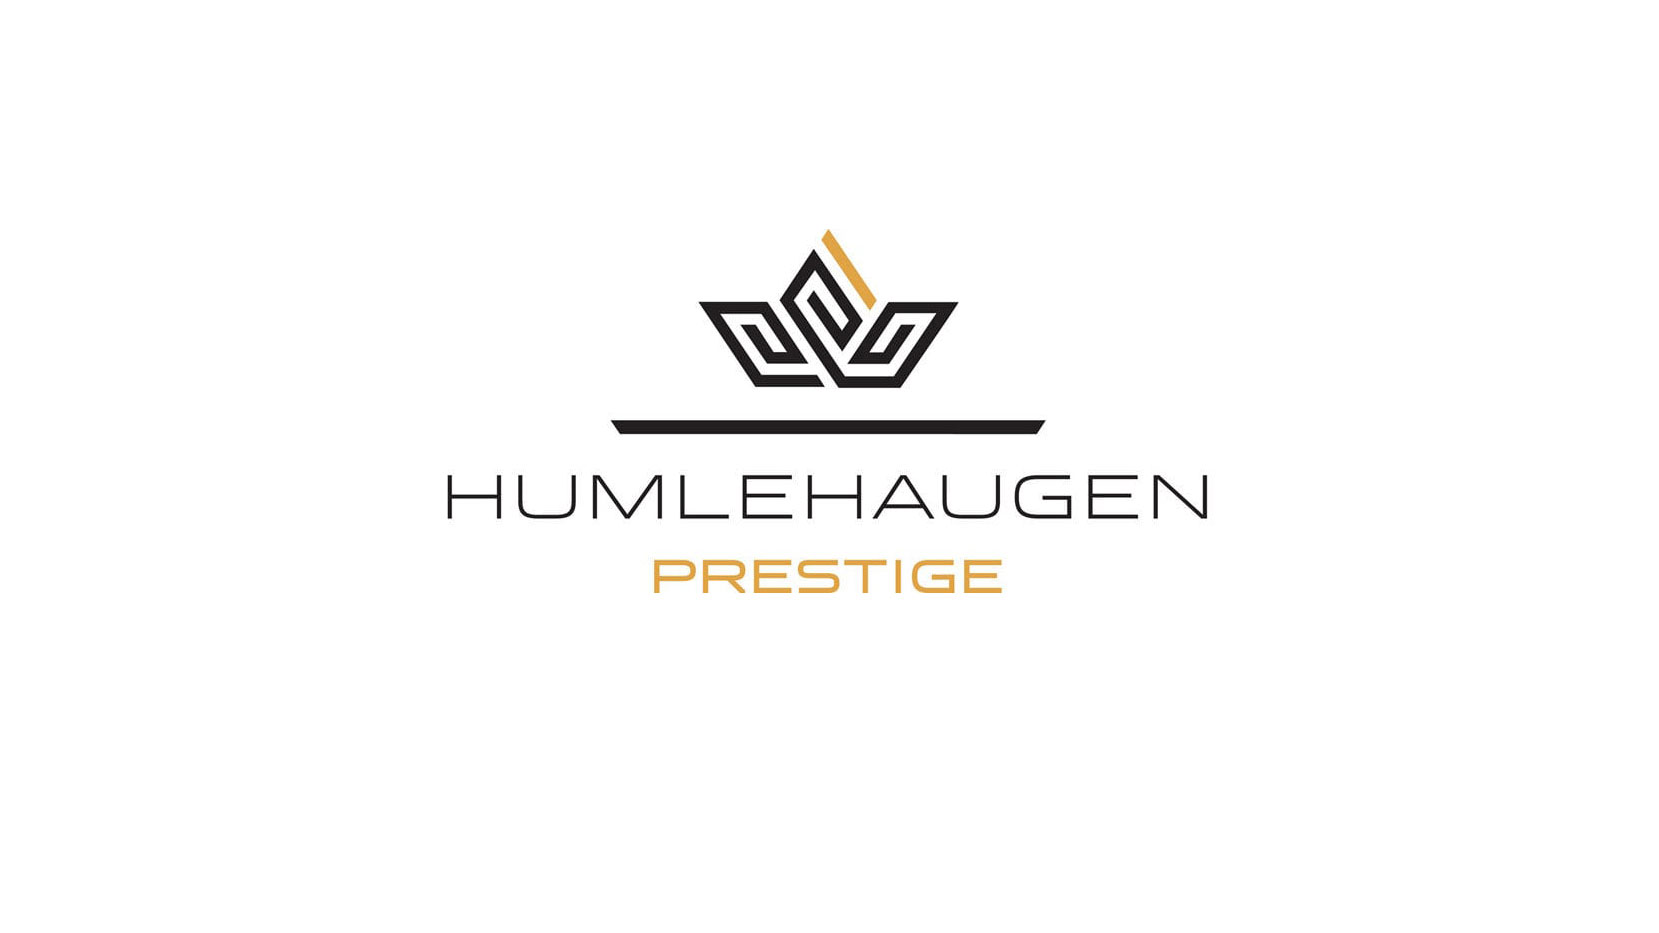 Humlehaugen Prestige